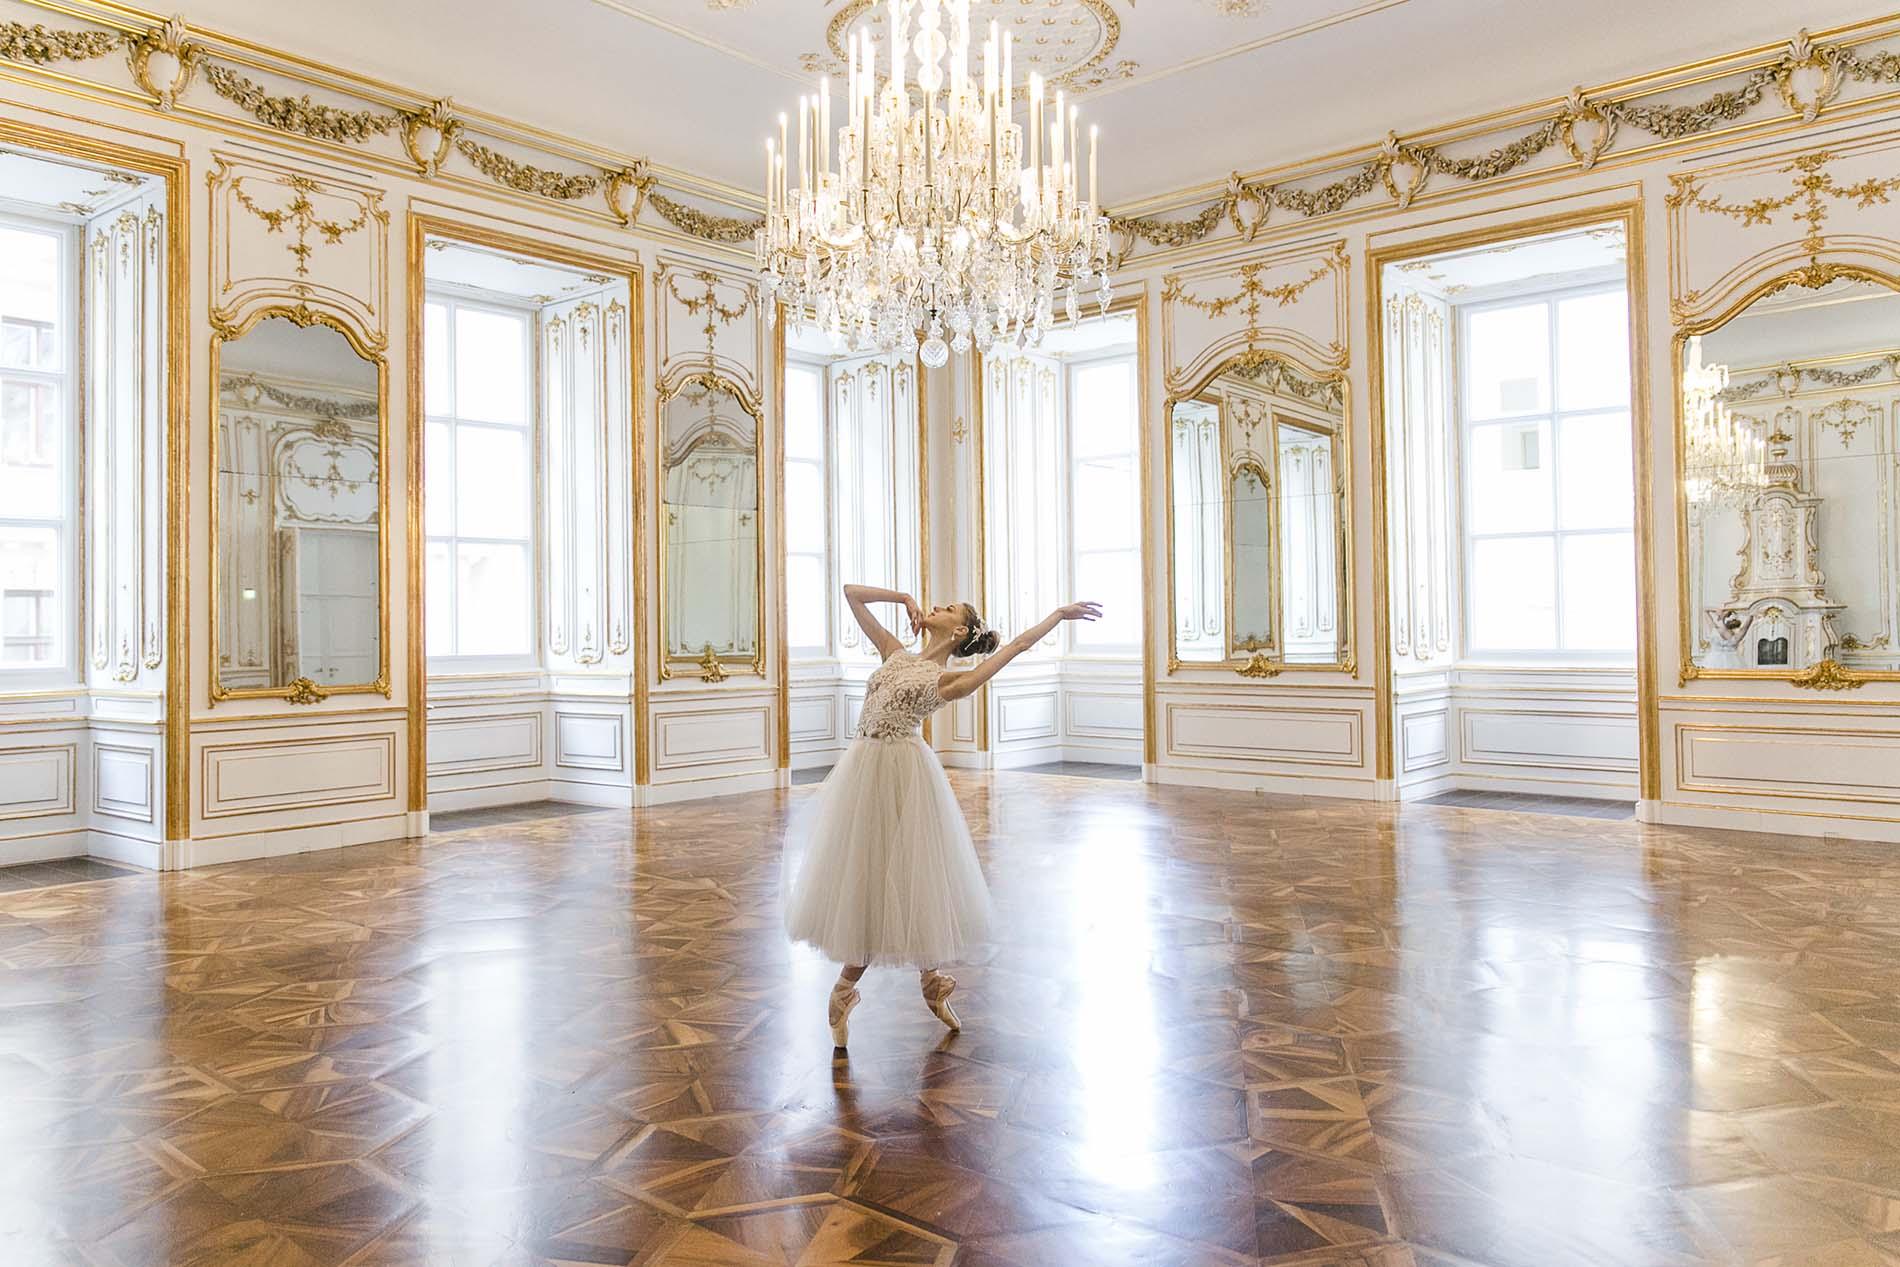 Prima Ballerina – Graziöse Eleganz in zarten Farben